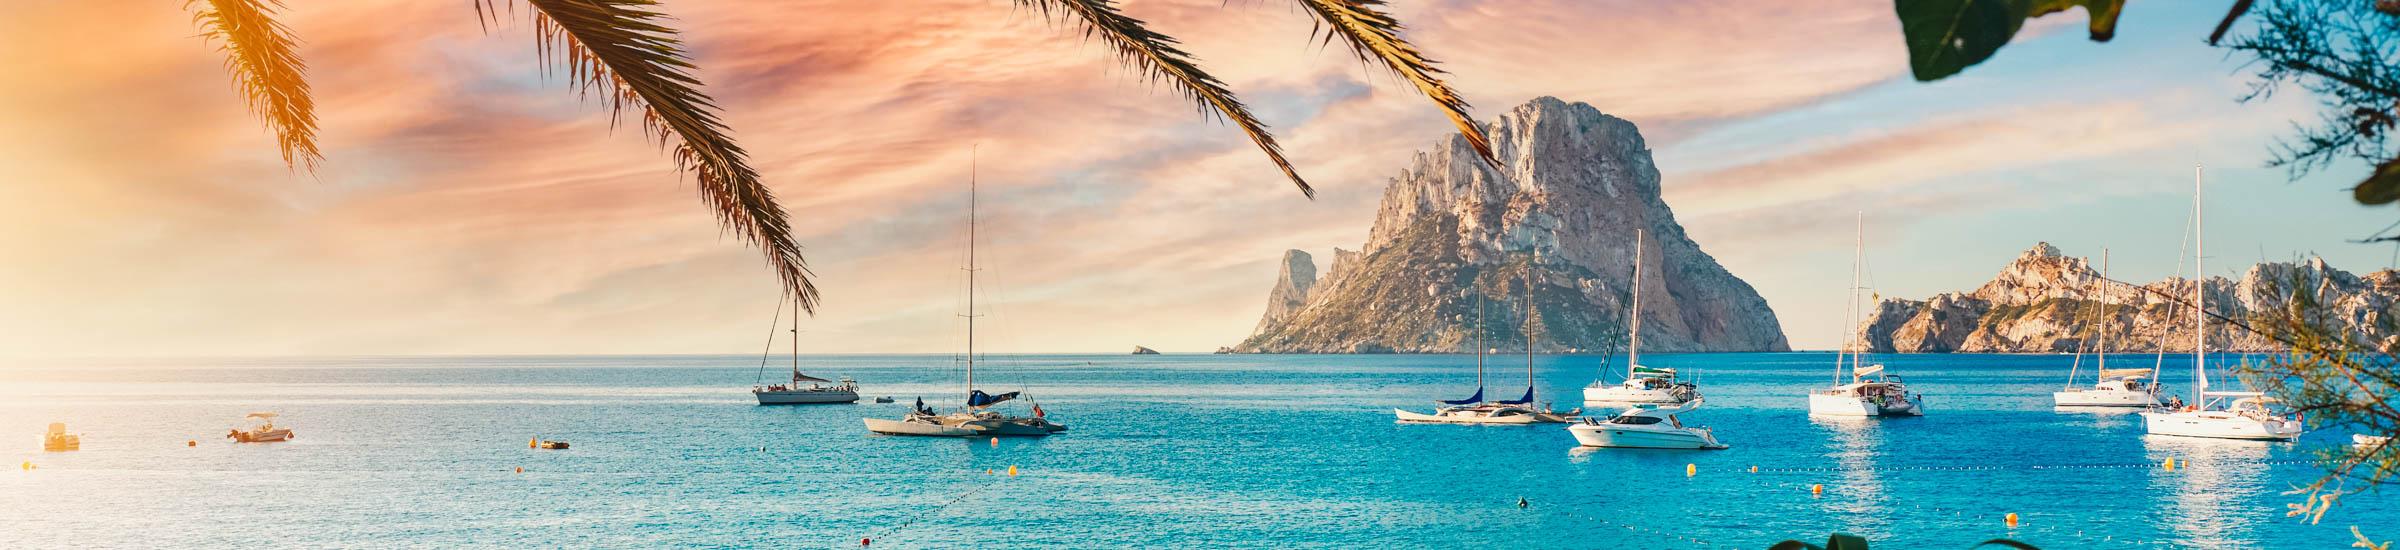 Blick aufs Wasser und eine Felsinsel - Urlaub am Mittelmeer